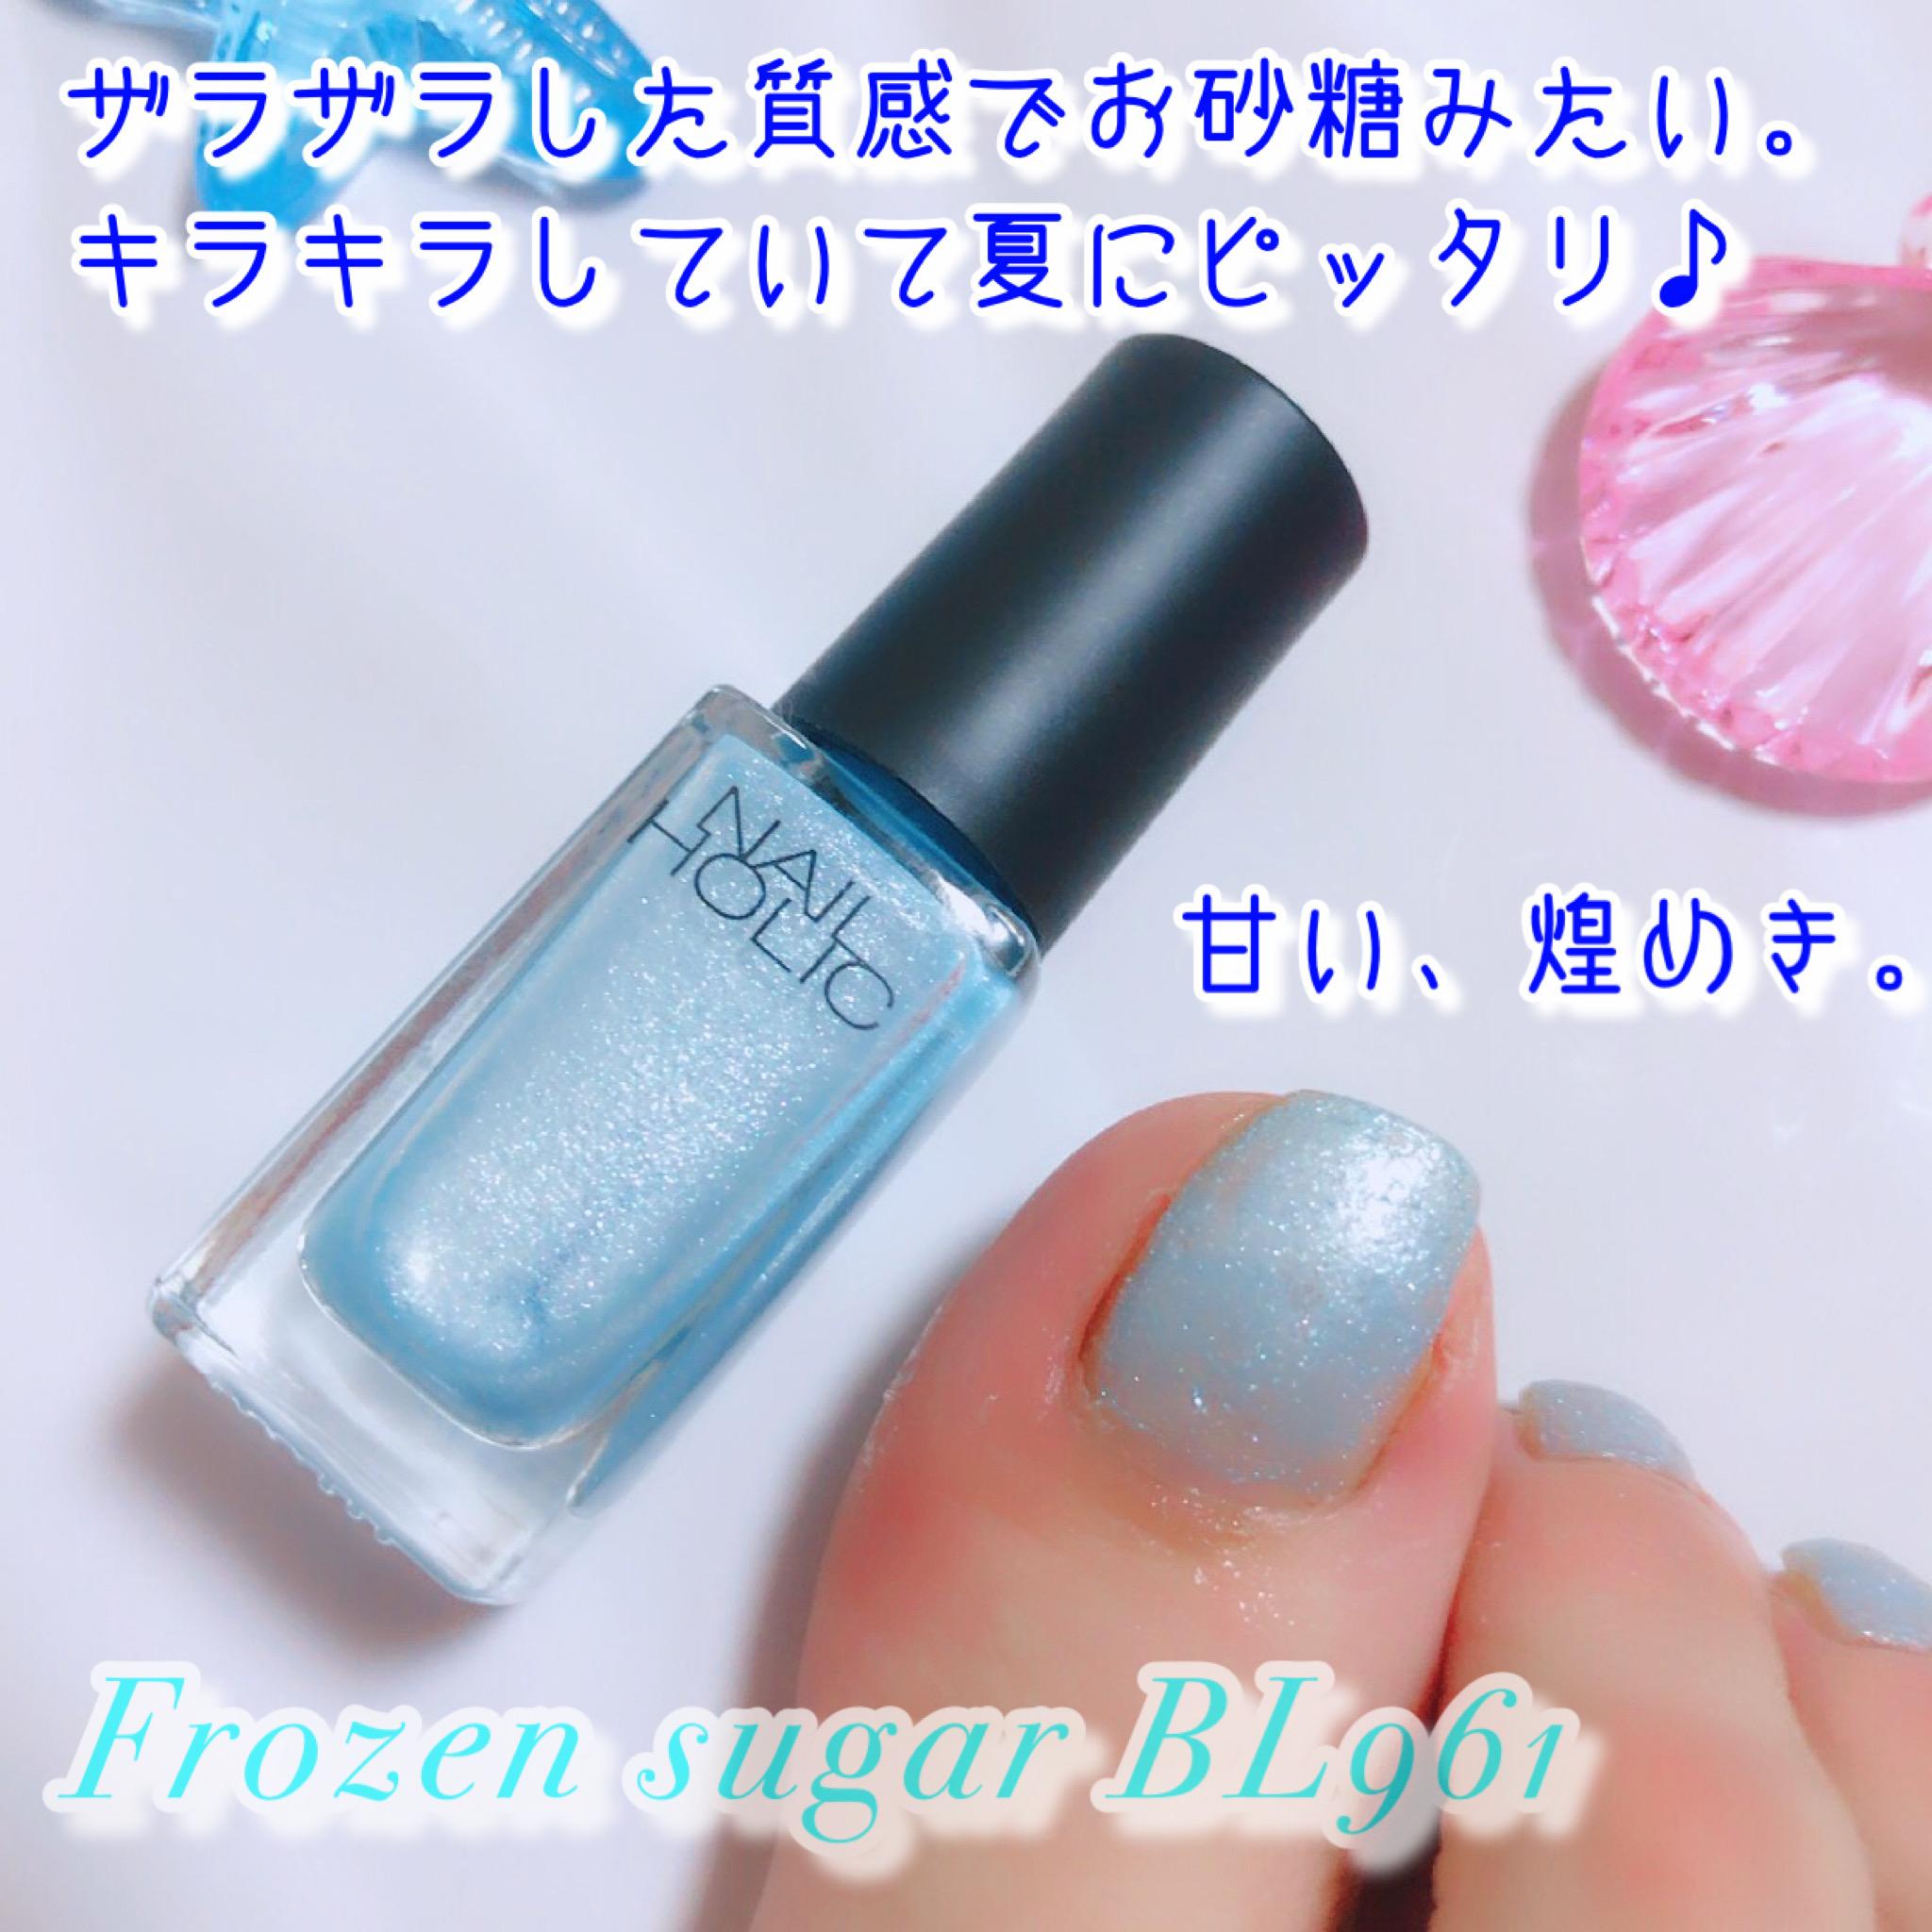 【夏ネイル・マニキュア】お砂糖みたいな質感のマニキュア。◇NAIL HOLIC◇Frozen sugar NAILで足もと涼しげに♡_2